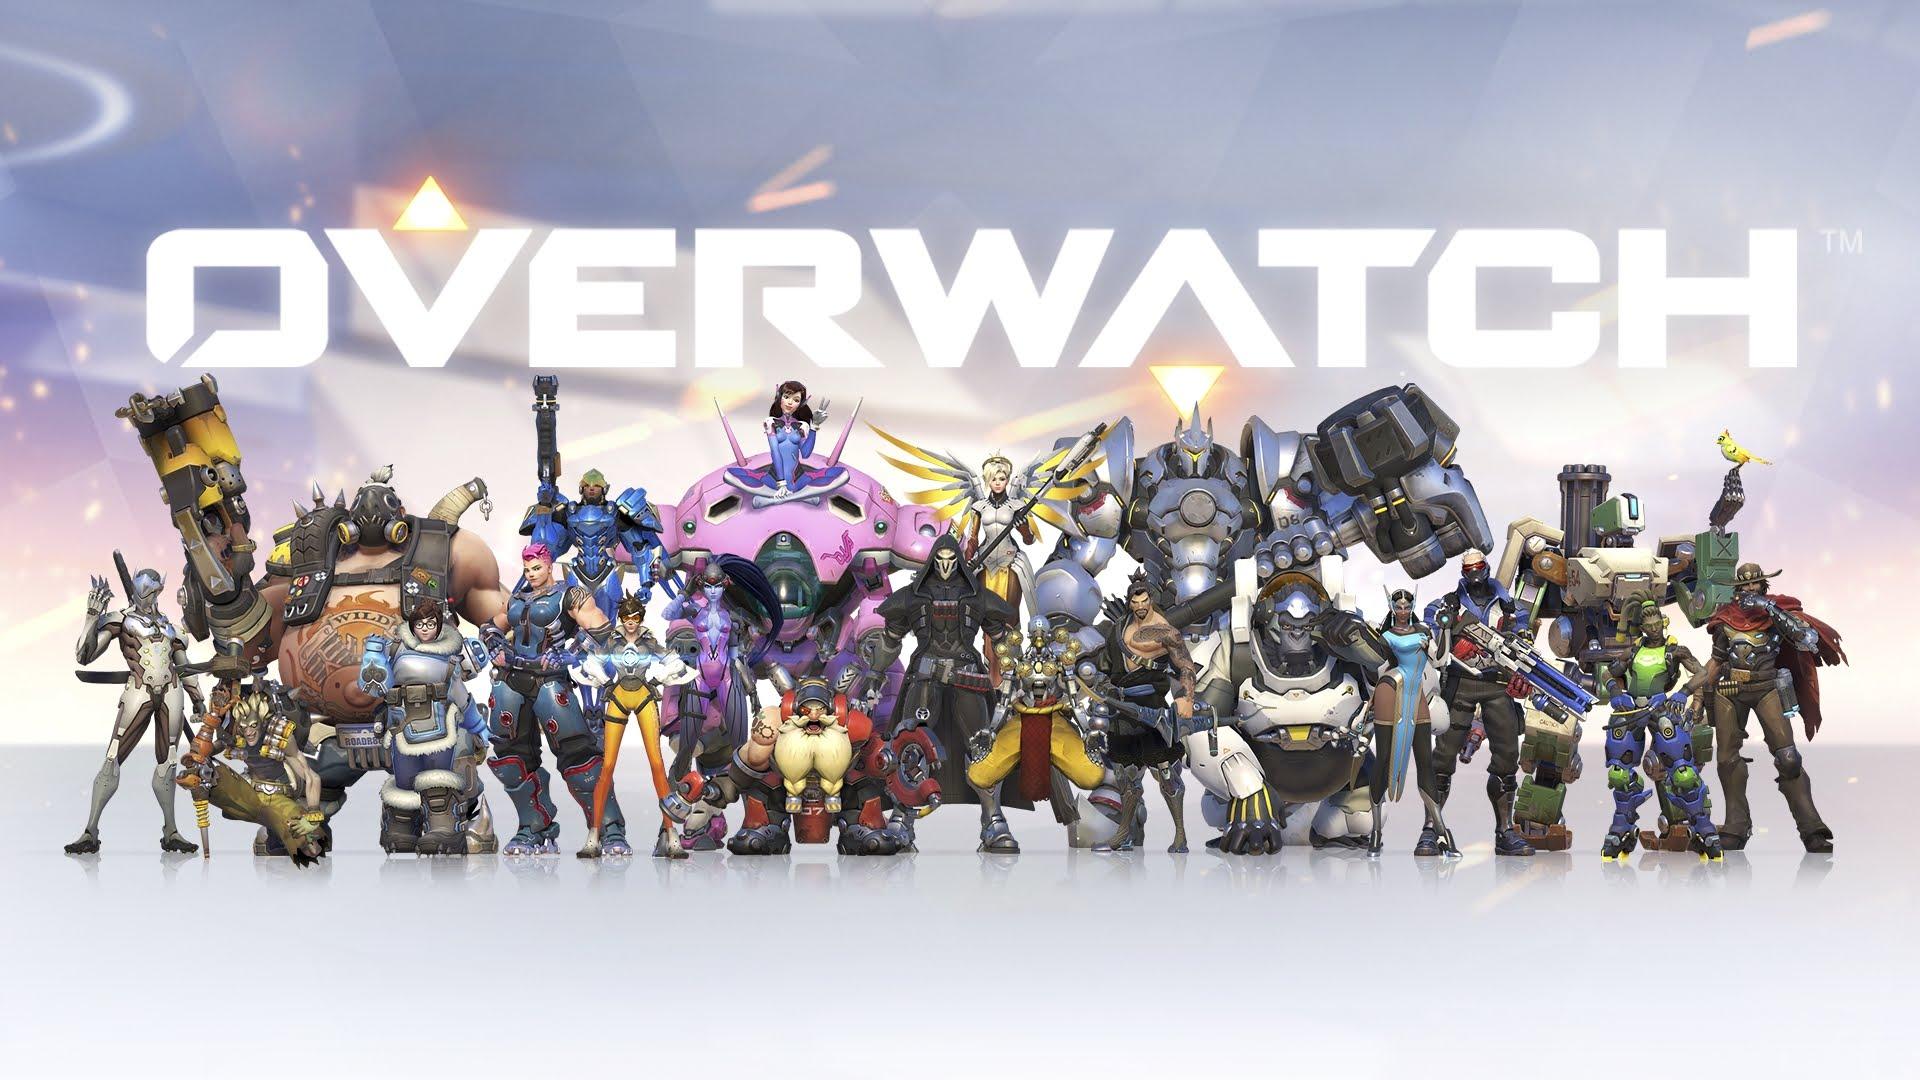 Гайд на персонажей из Overwatch: советы по способностям и стратегии игры